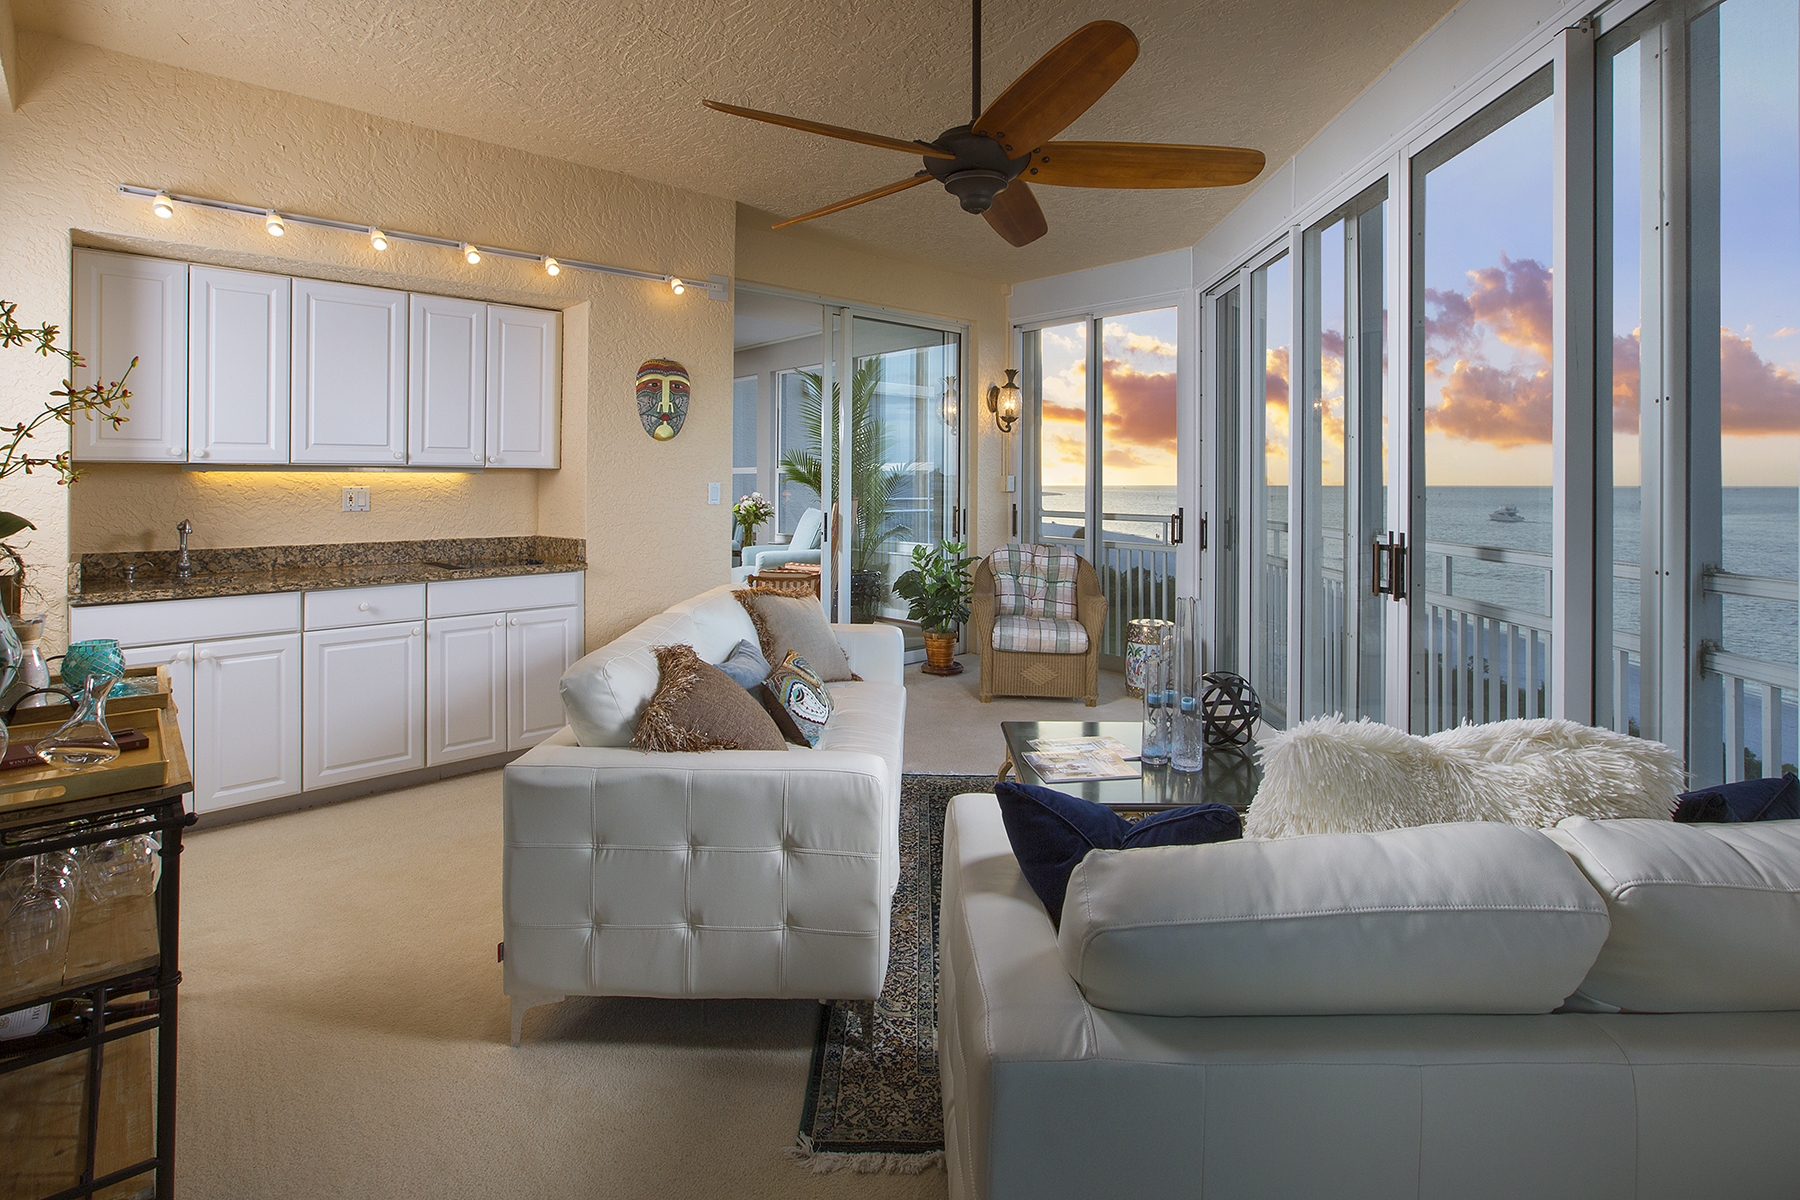 Eigentumswohnung für Verkauf beim HIDEAWAY BEACH - ROYAL MARCO POINT 6000 Royal Marco Way 557 Marco Island, Florida, 34145 Vereinigte Staaten